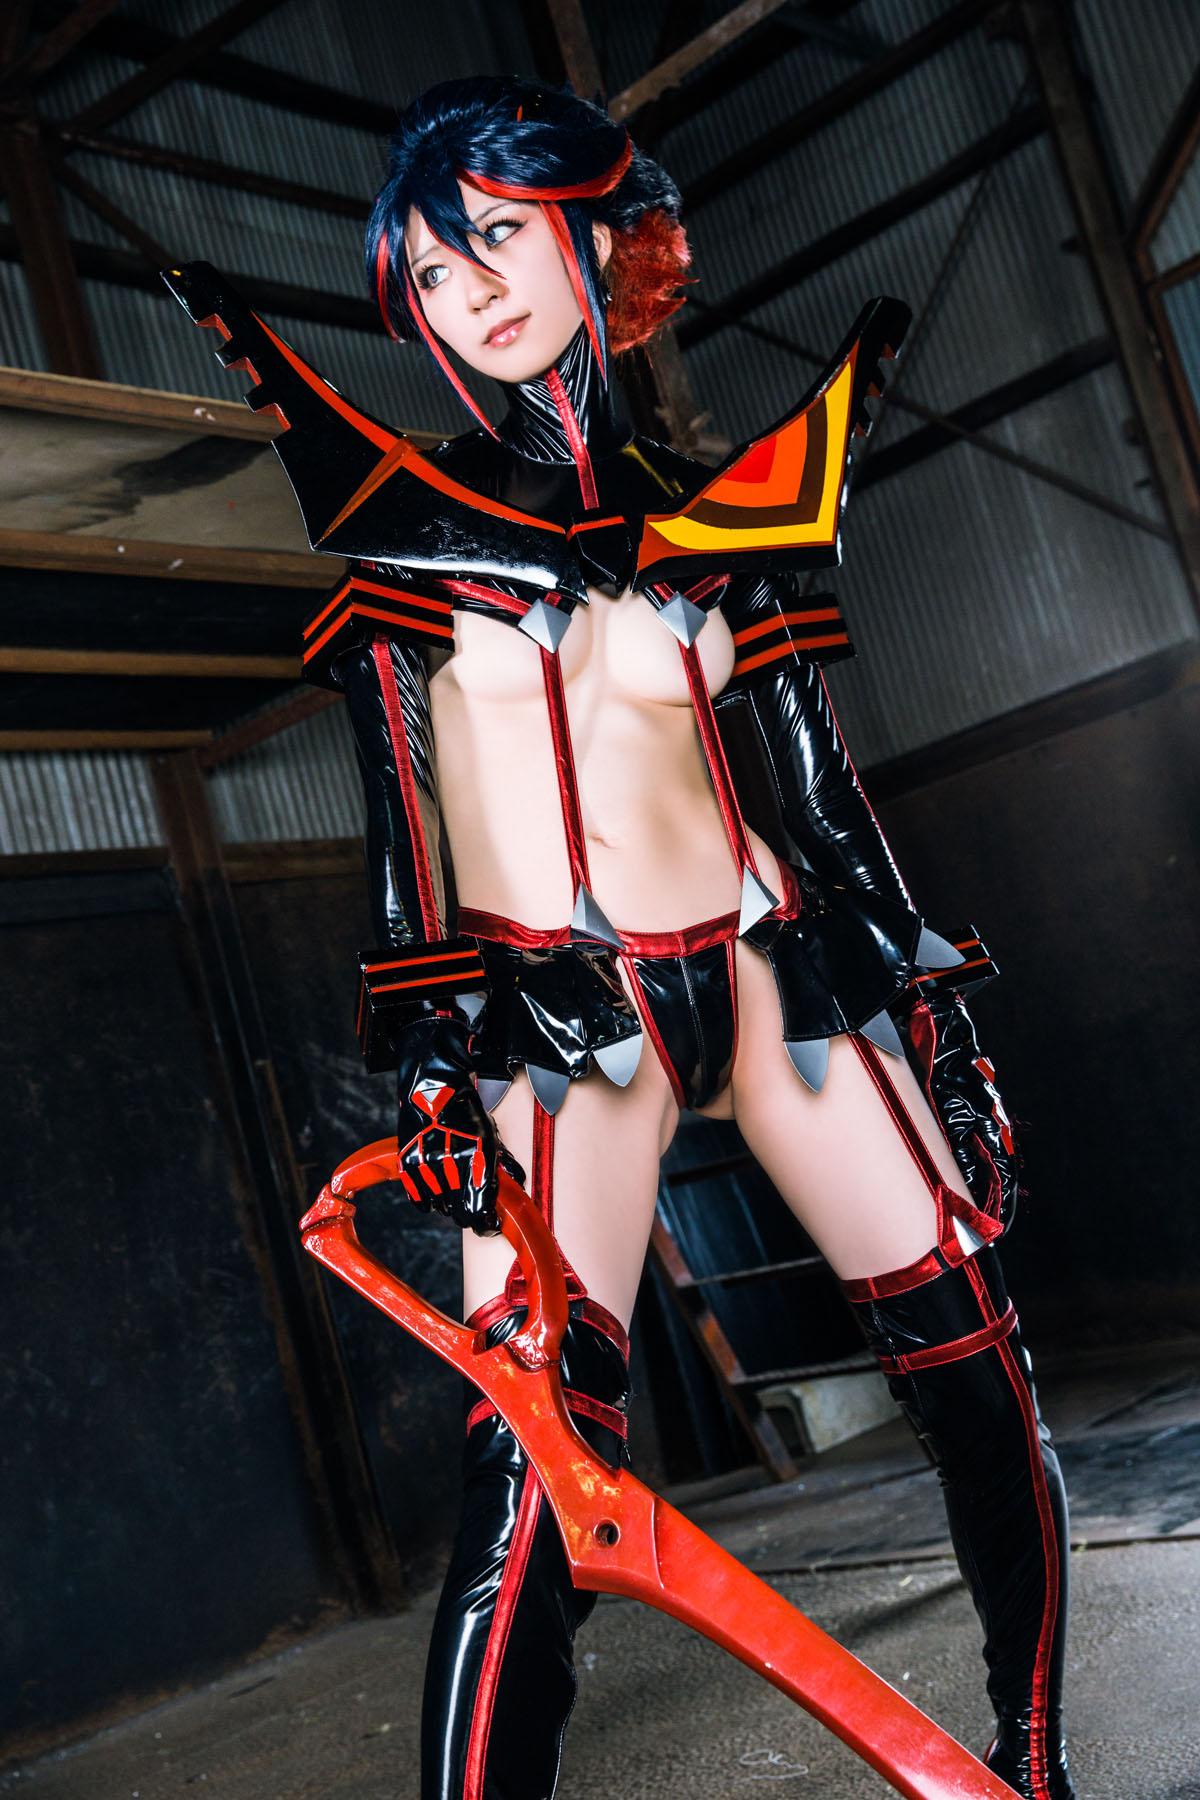 Kill la Kill Ryuuko Matoi anime cosplay by Mikehouse 0020